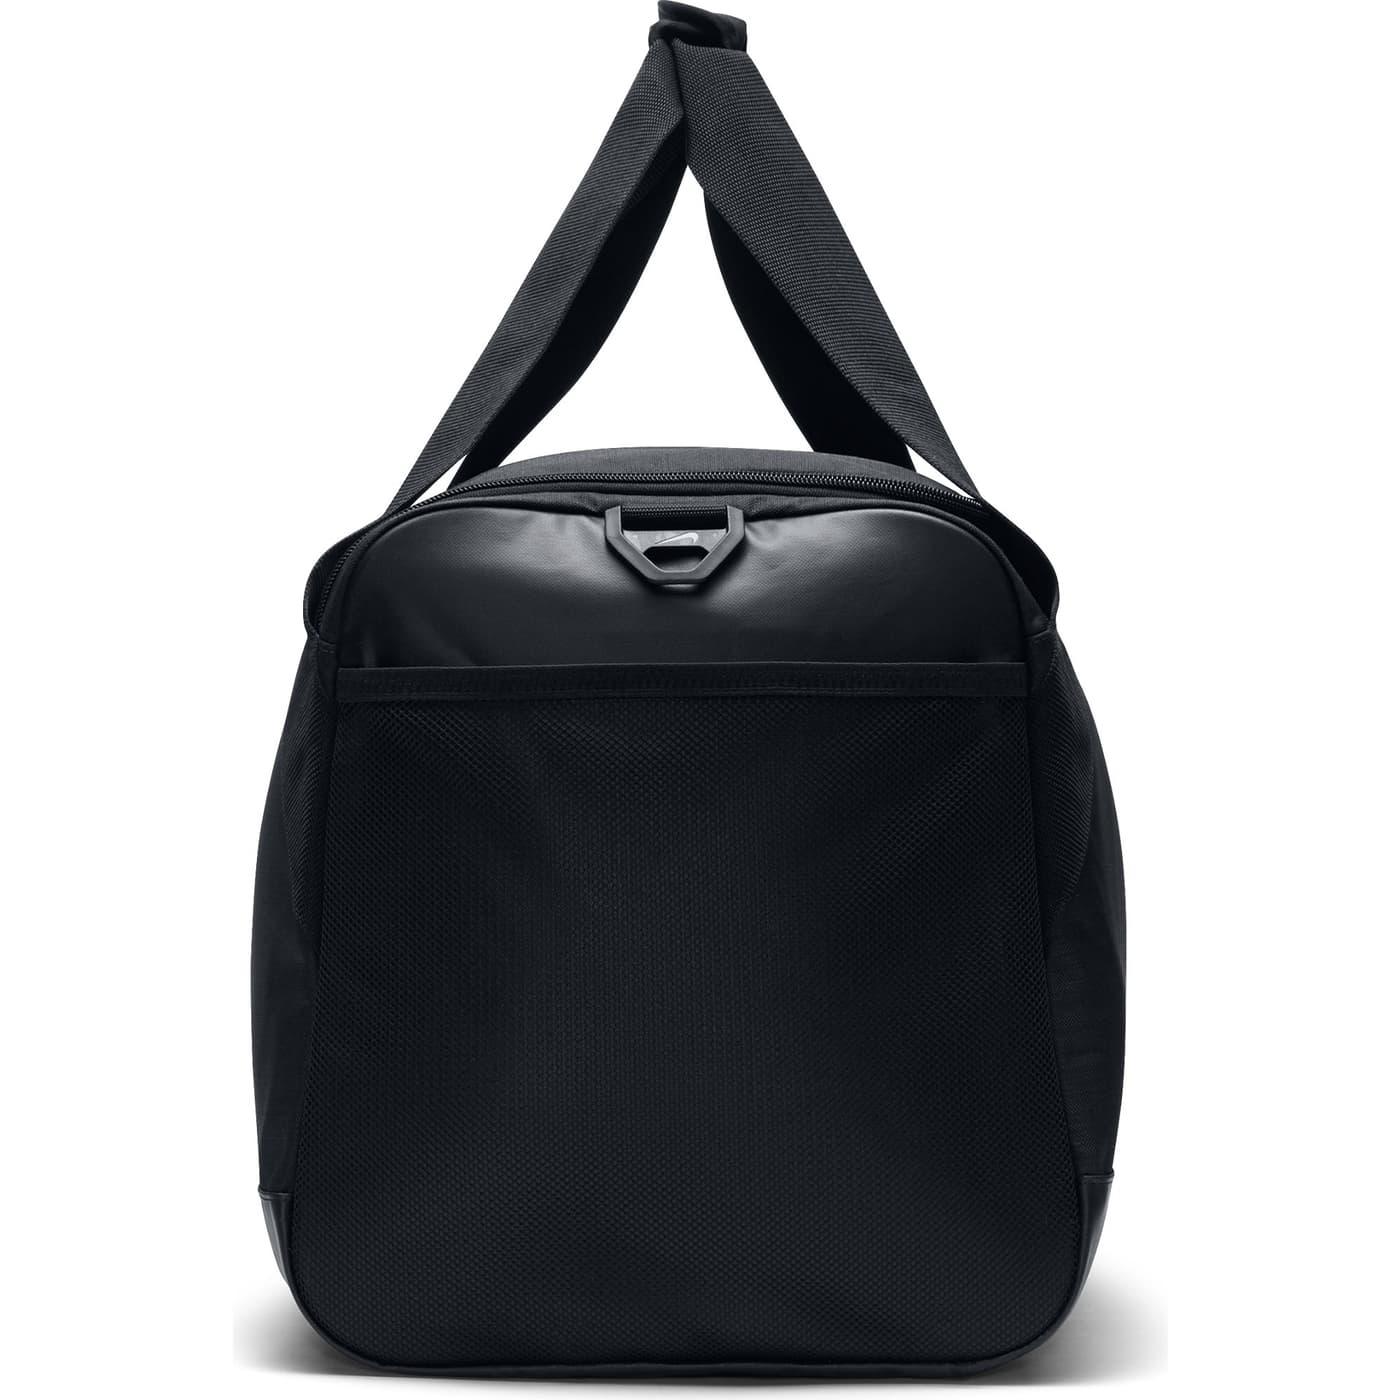 ab0b475373102 ... Nike Brasilia Medium Duffel Bag Sporttasche